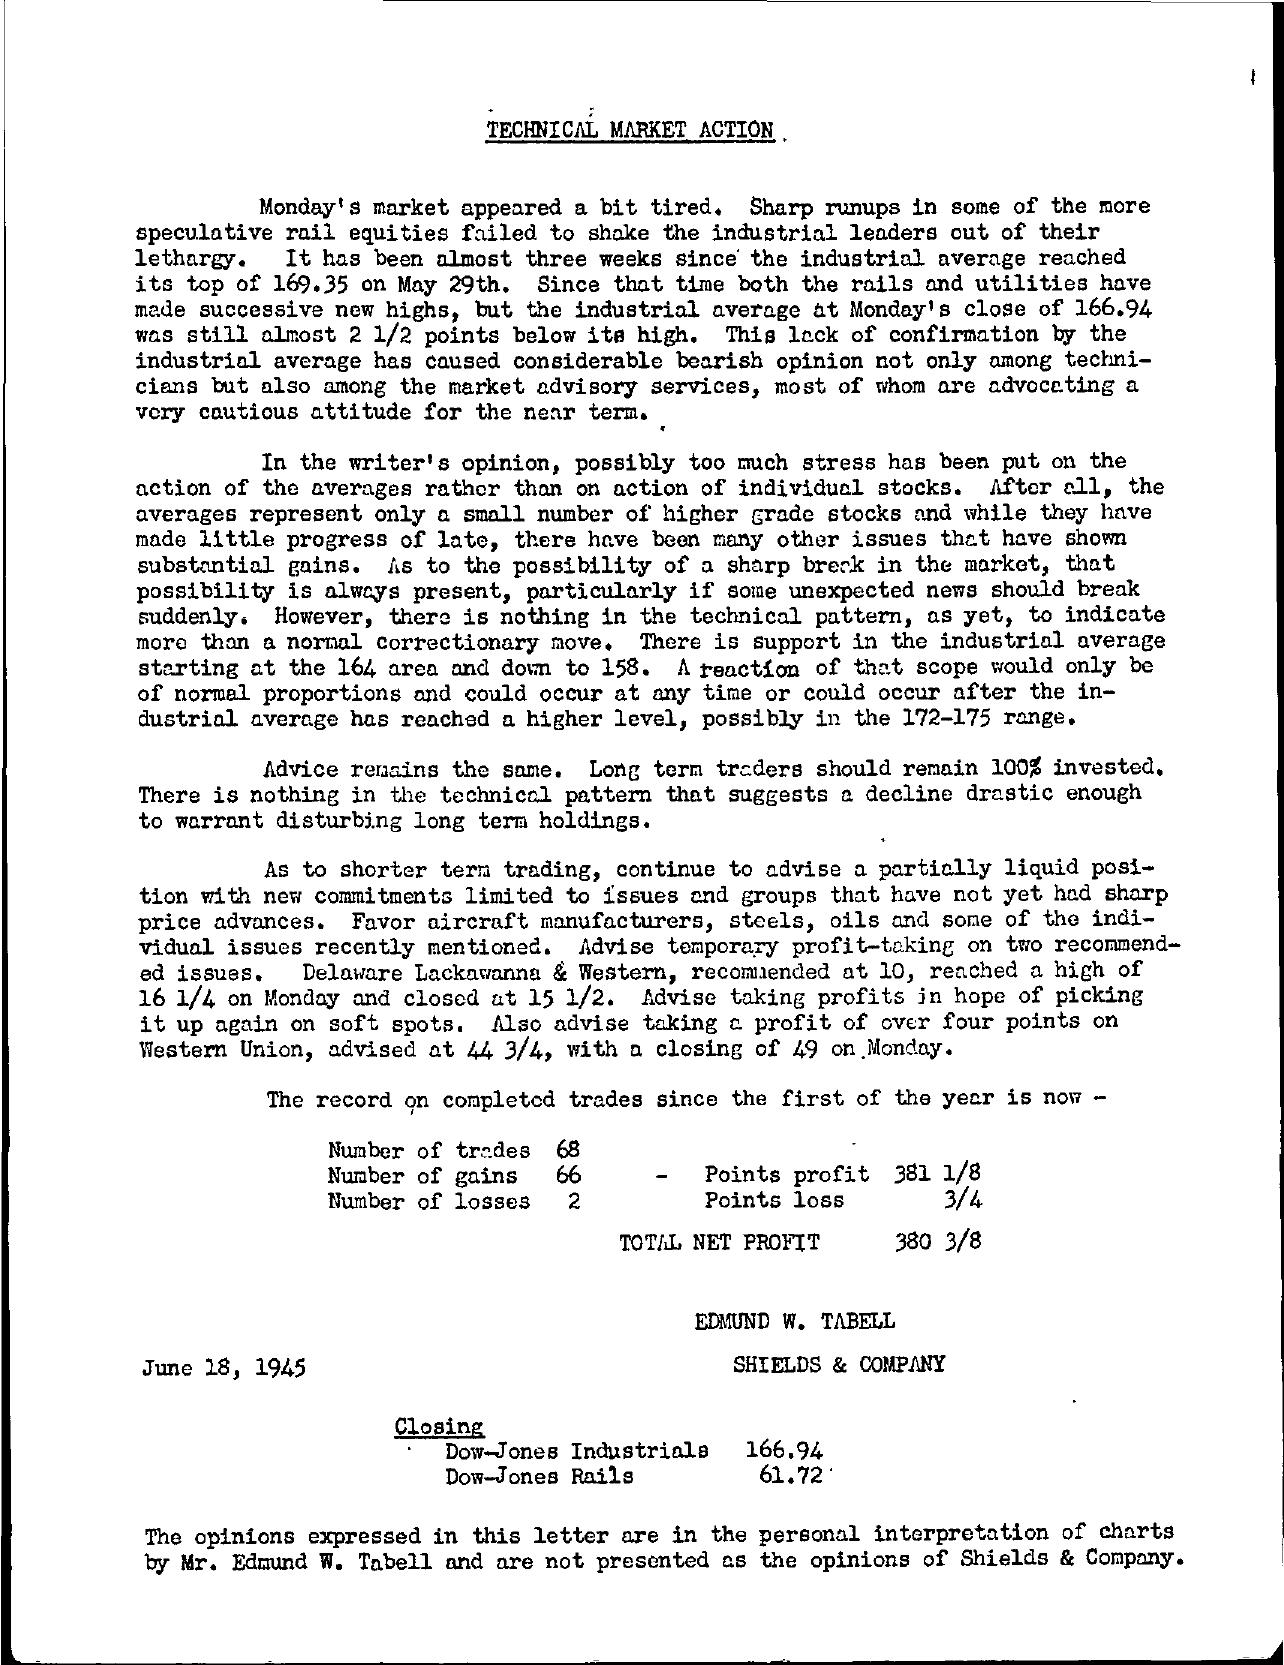 Tabell's Market Letter - June 18, 1945